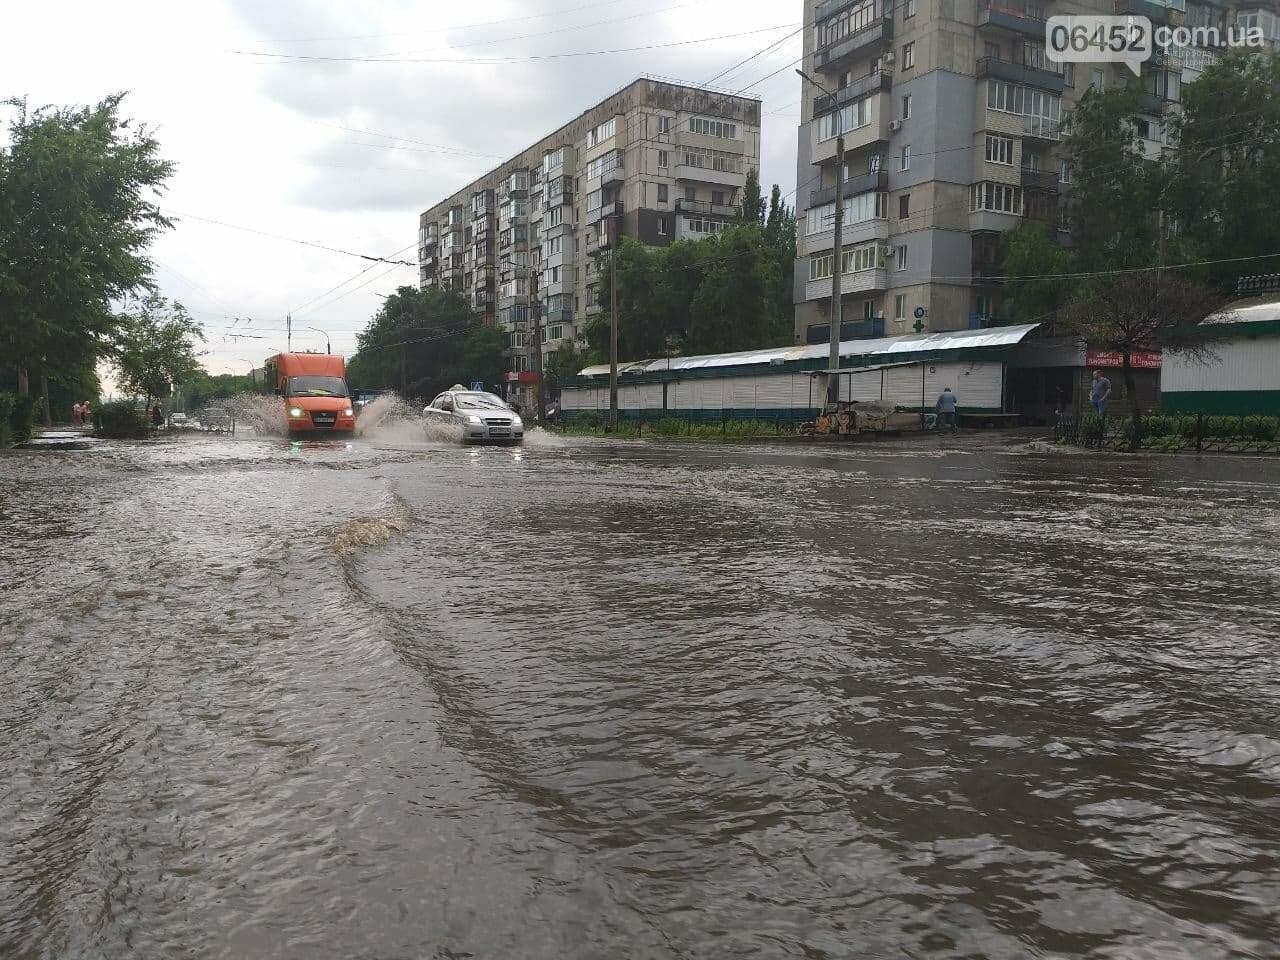 После дождика в четверг: мощный ливень обрушился на Северодонецк и оставил массу проблем, фото-9